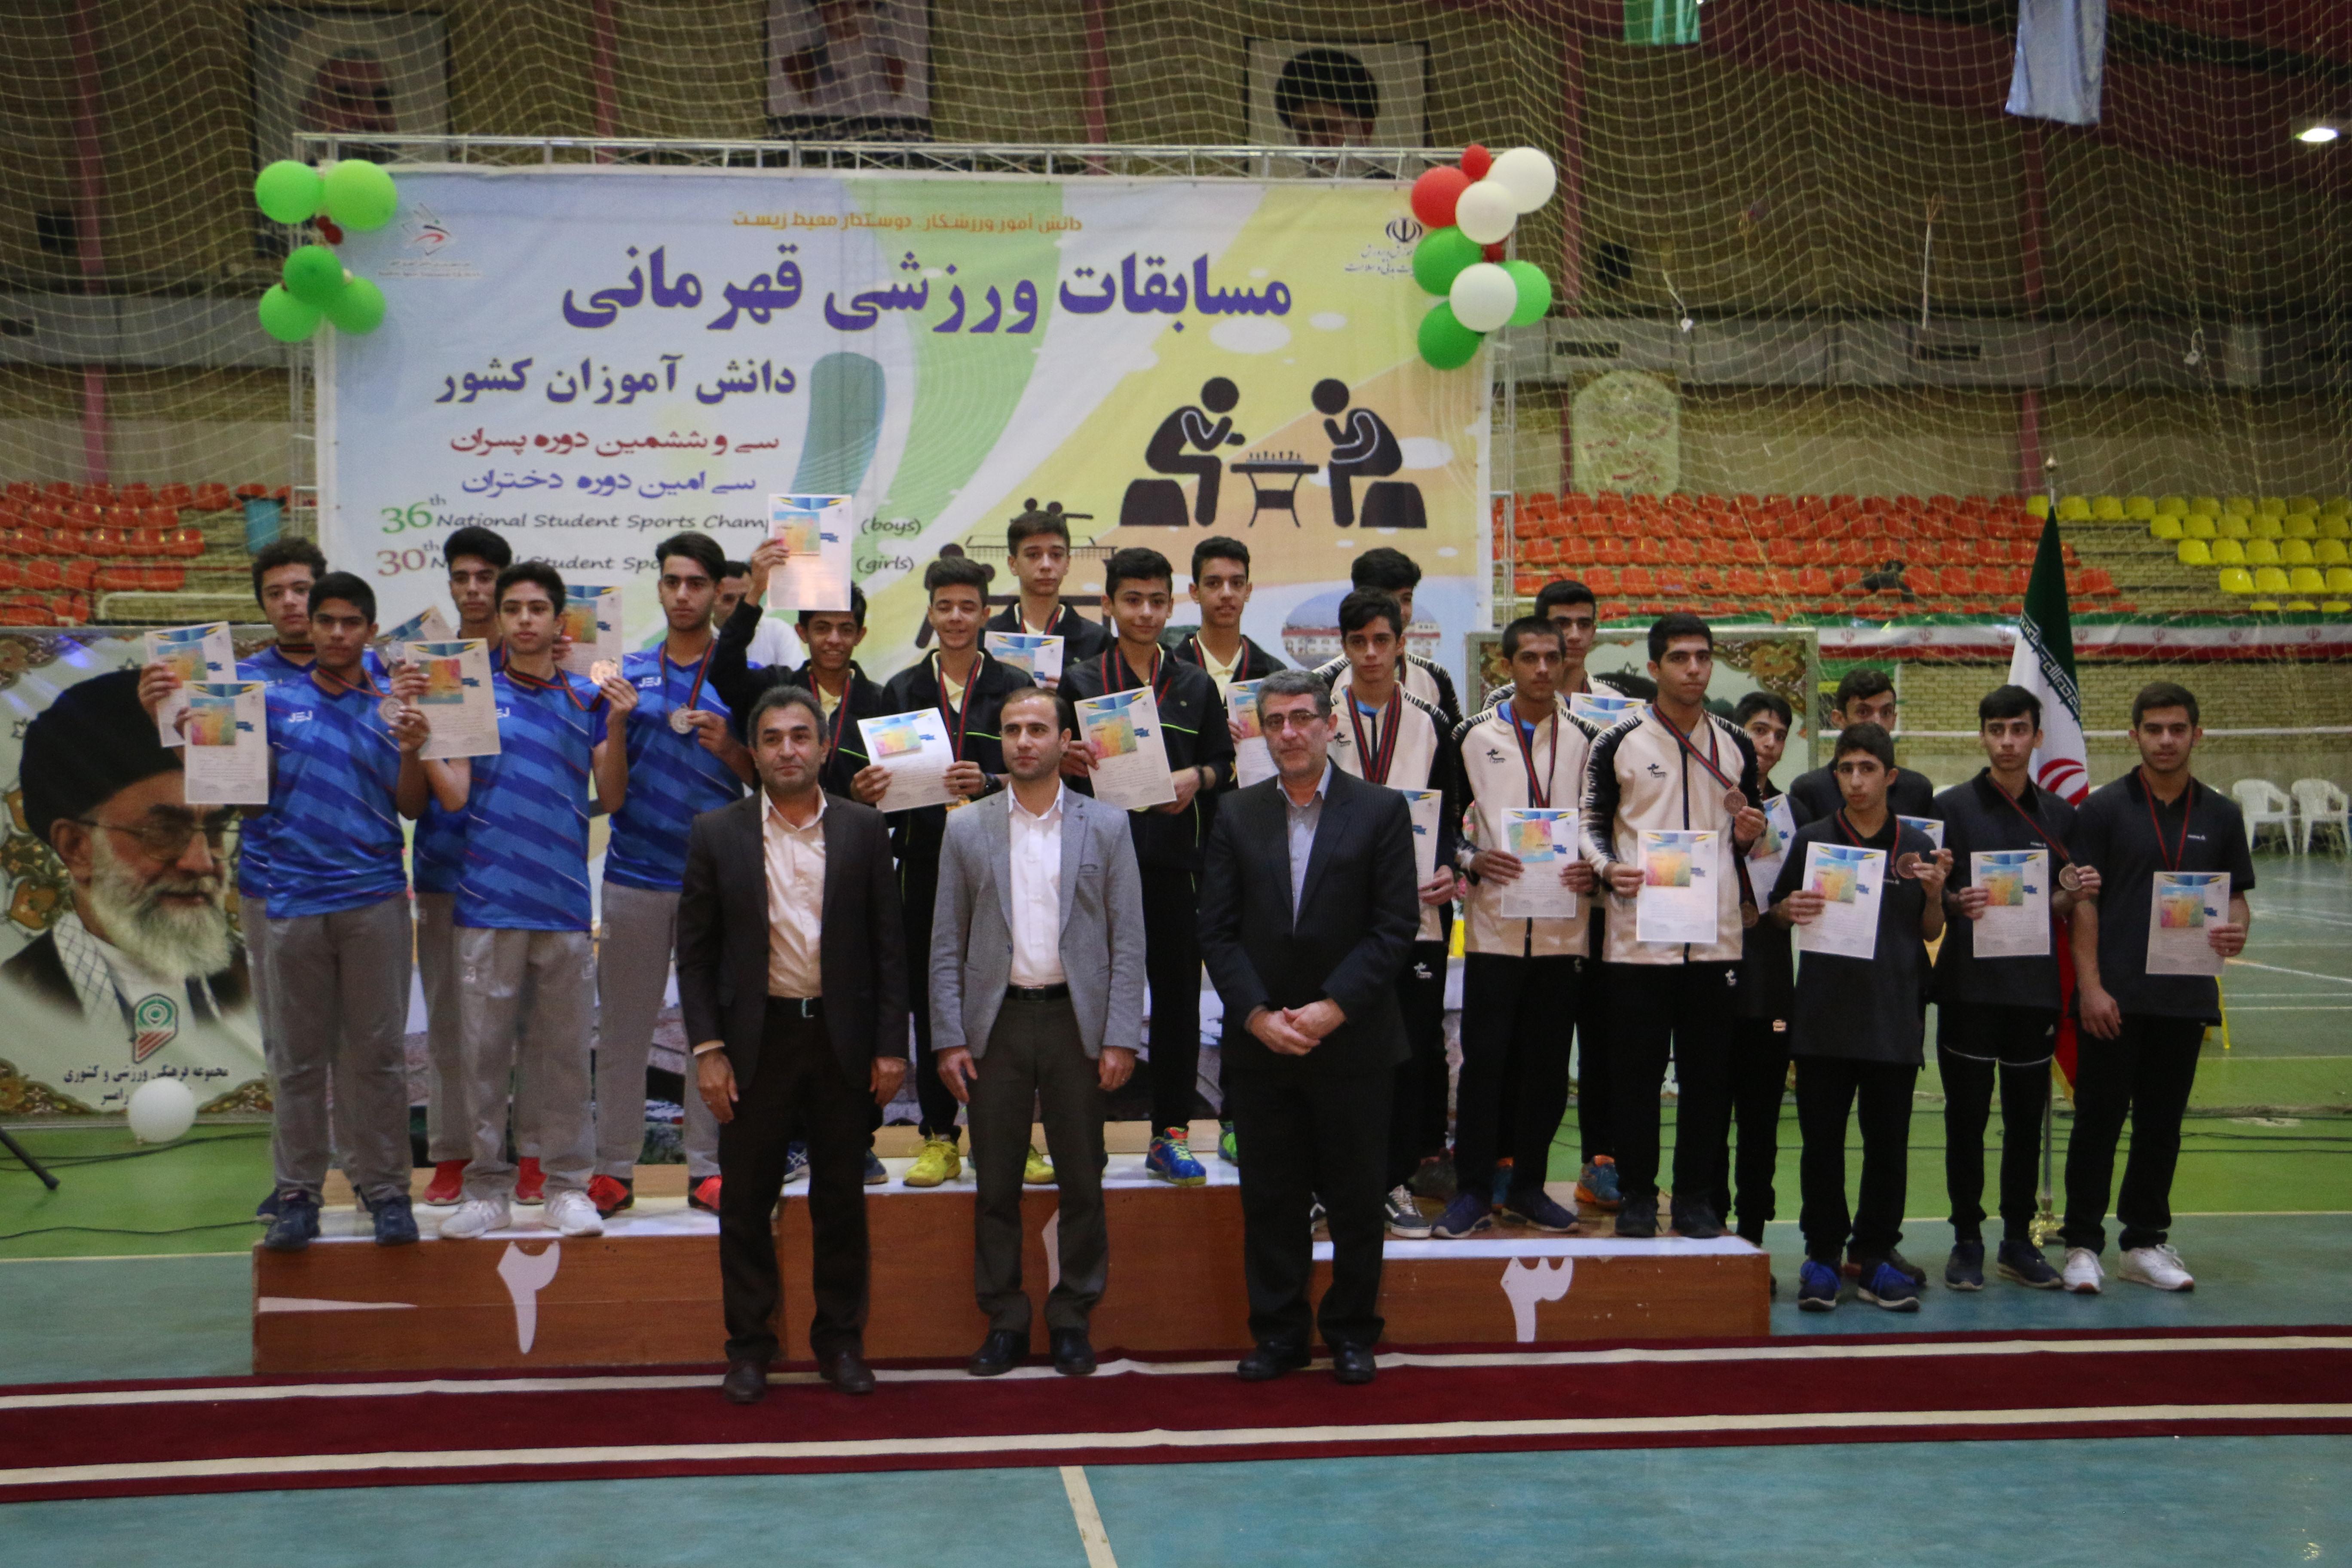 شطرنجبازان گیلانی قهرمان سی و ششمین دوره مسابقات ورزشی دانش آموزان پسر کشور